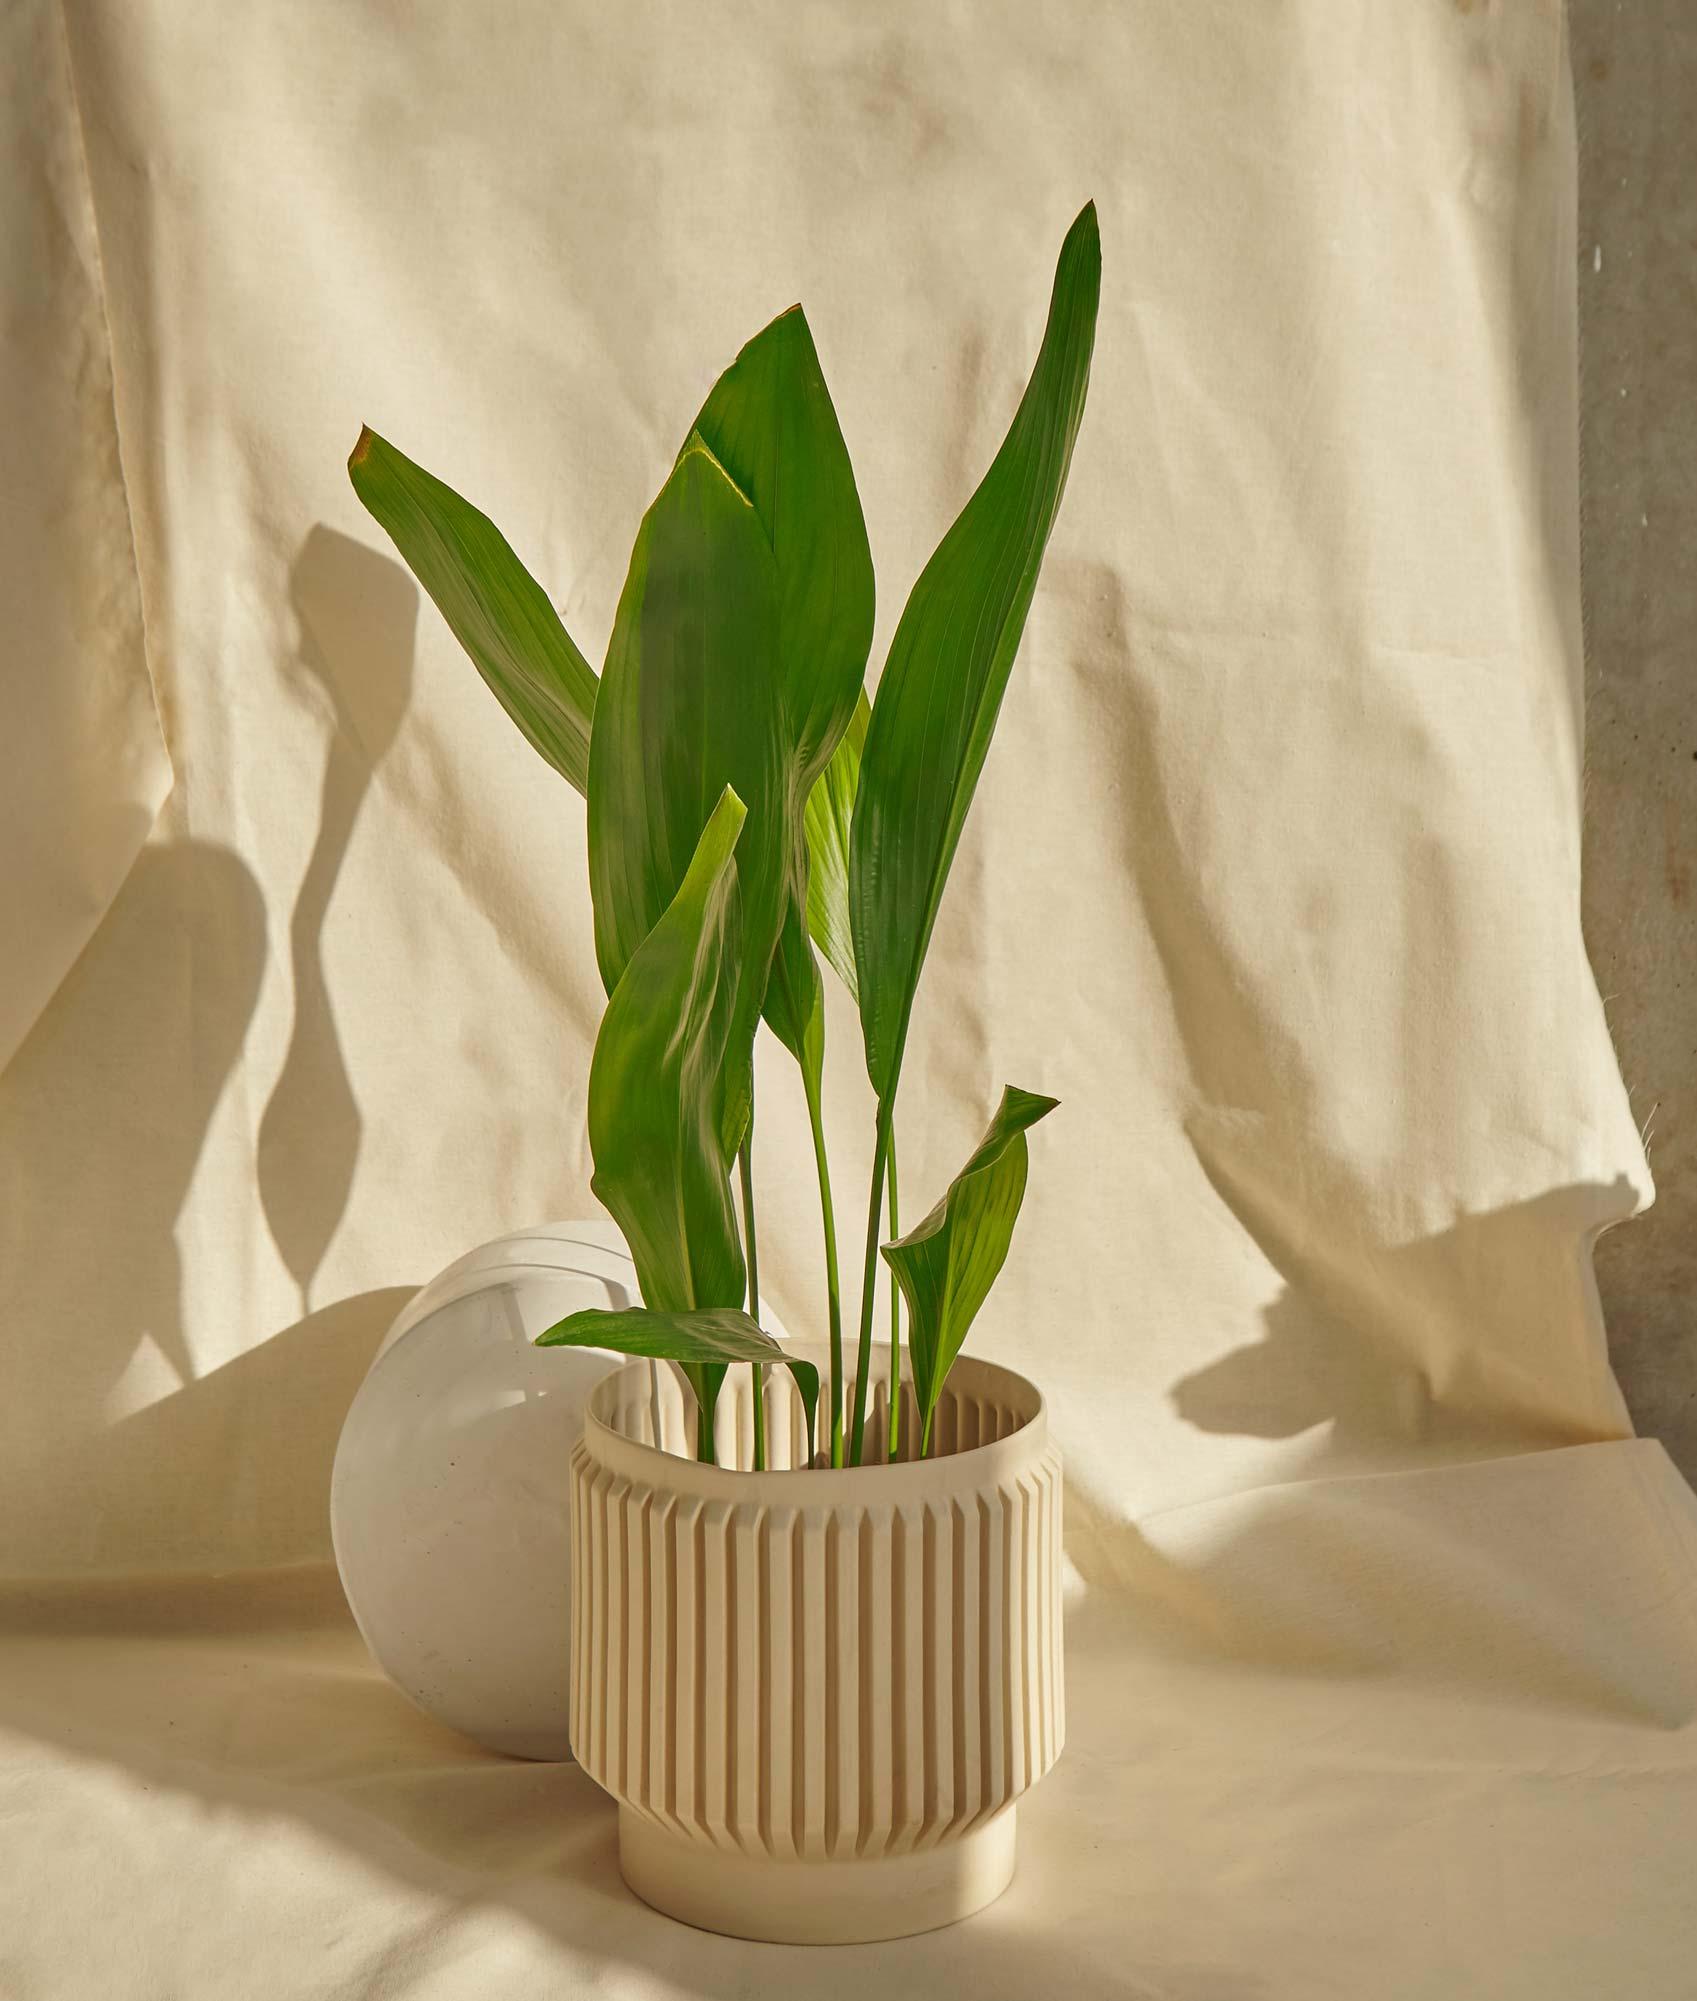 tokiton-plant-pot-01